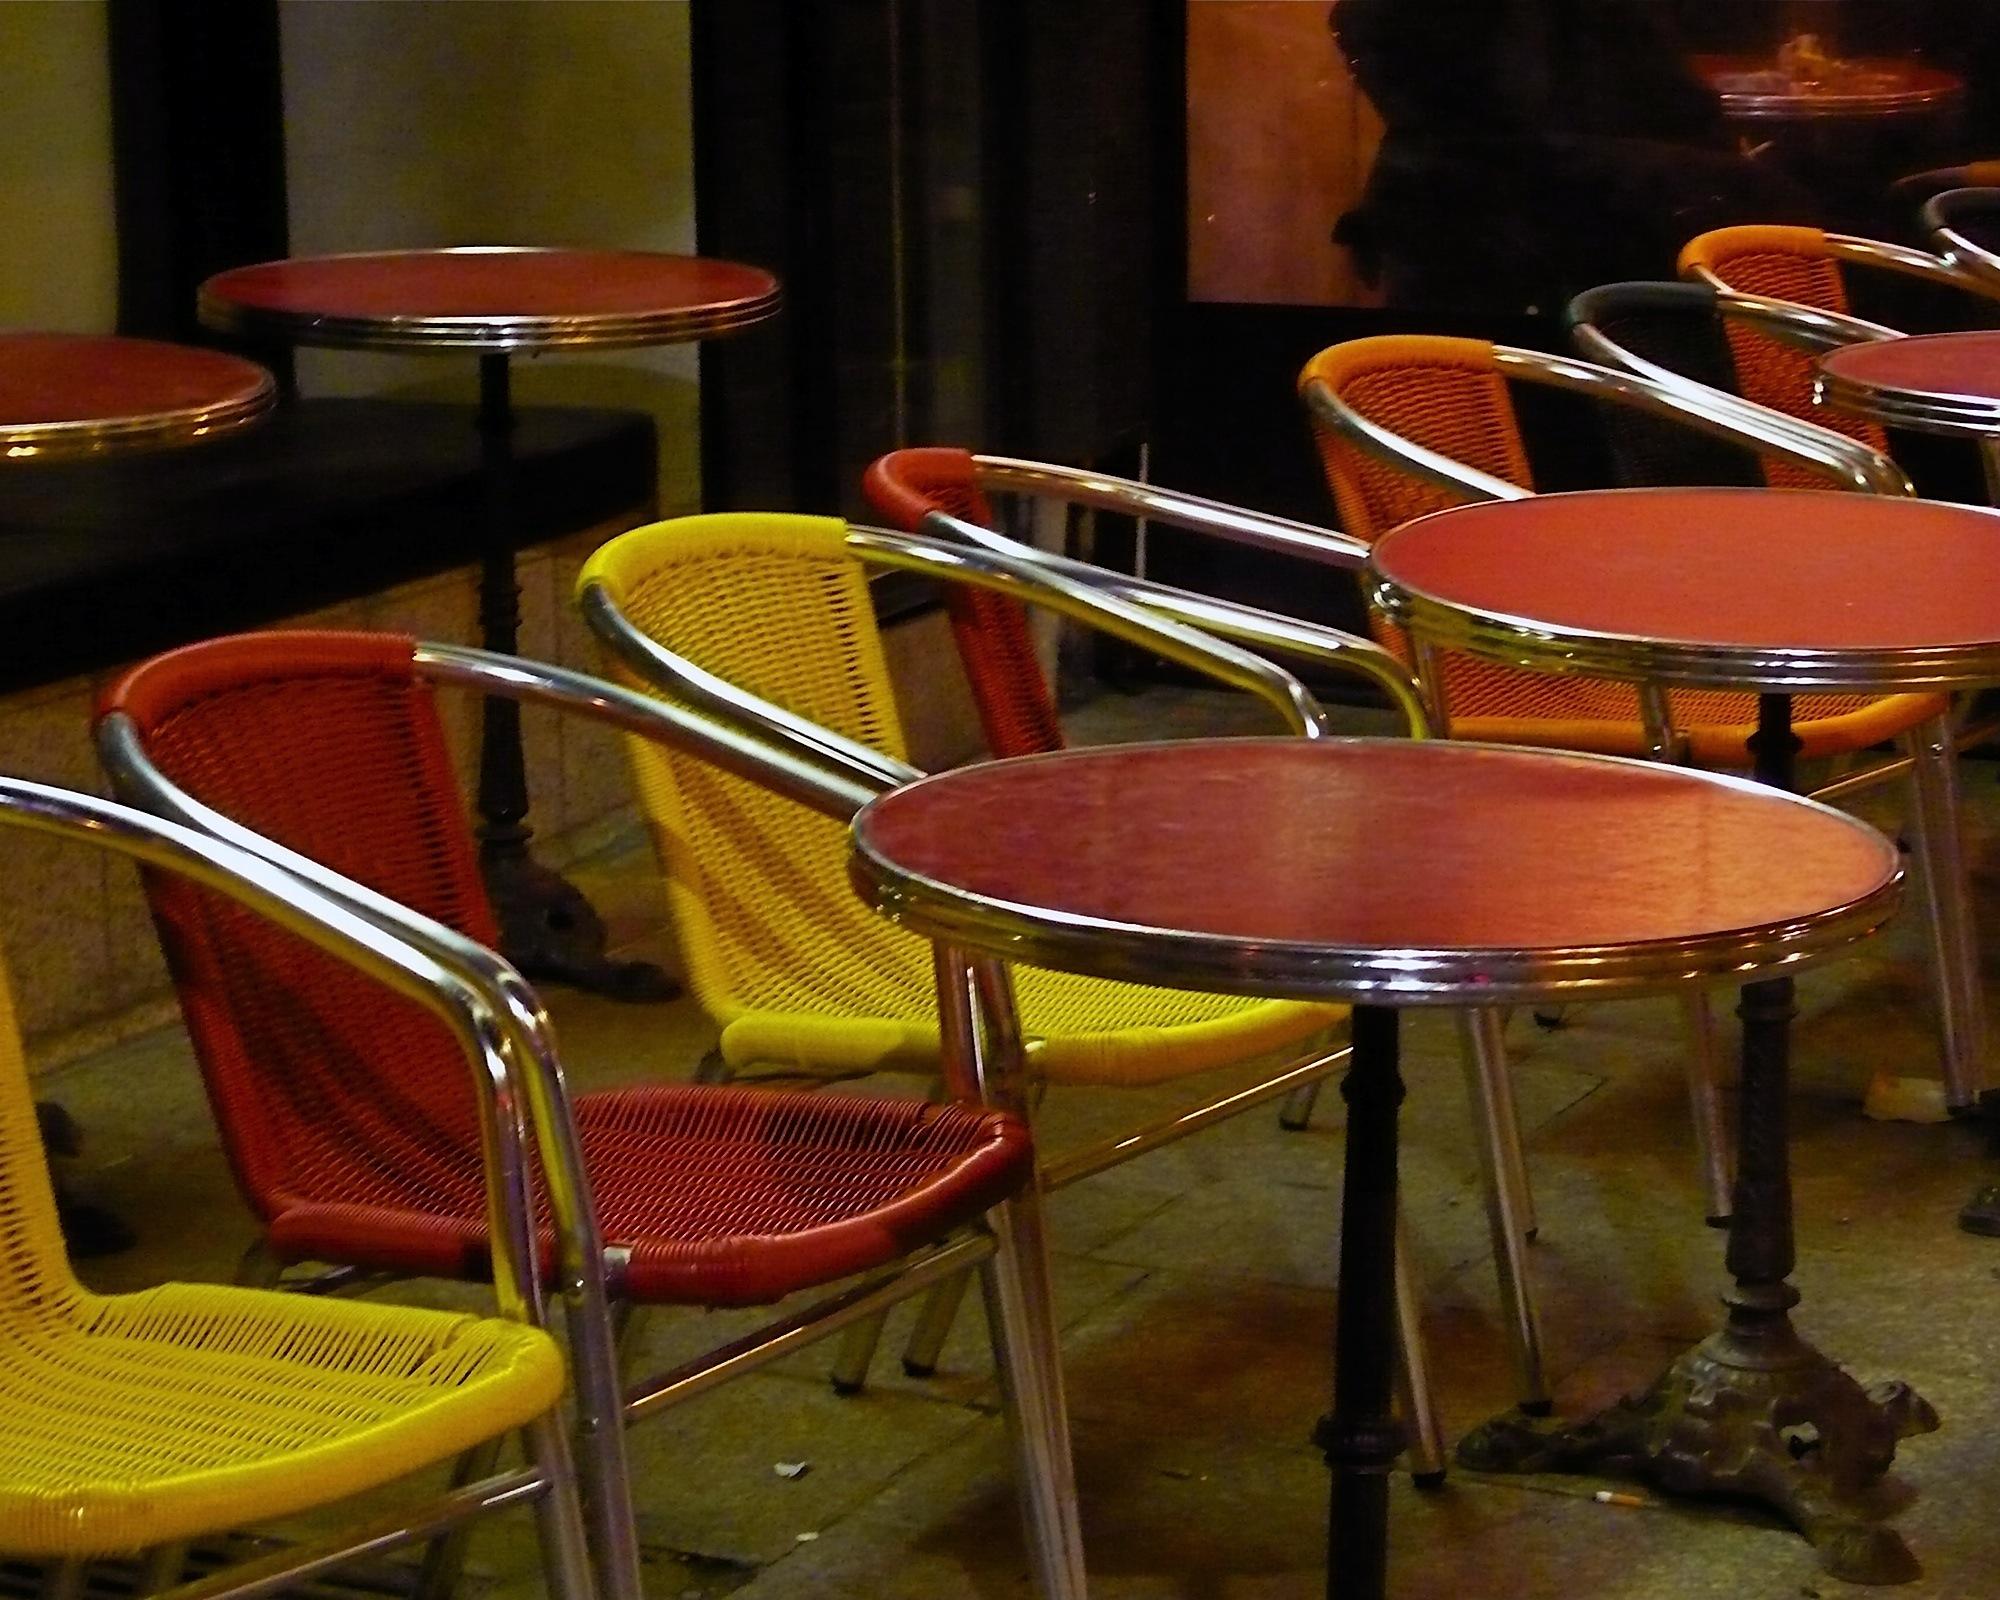 paris-chairs-16x20-P1110466.jpg